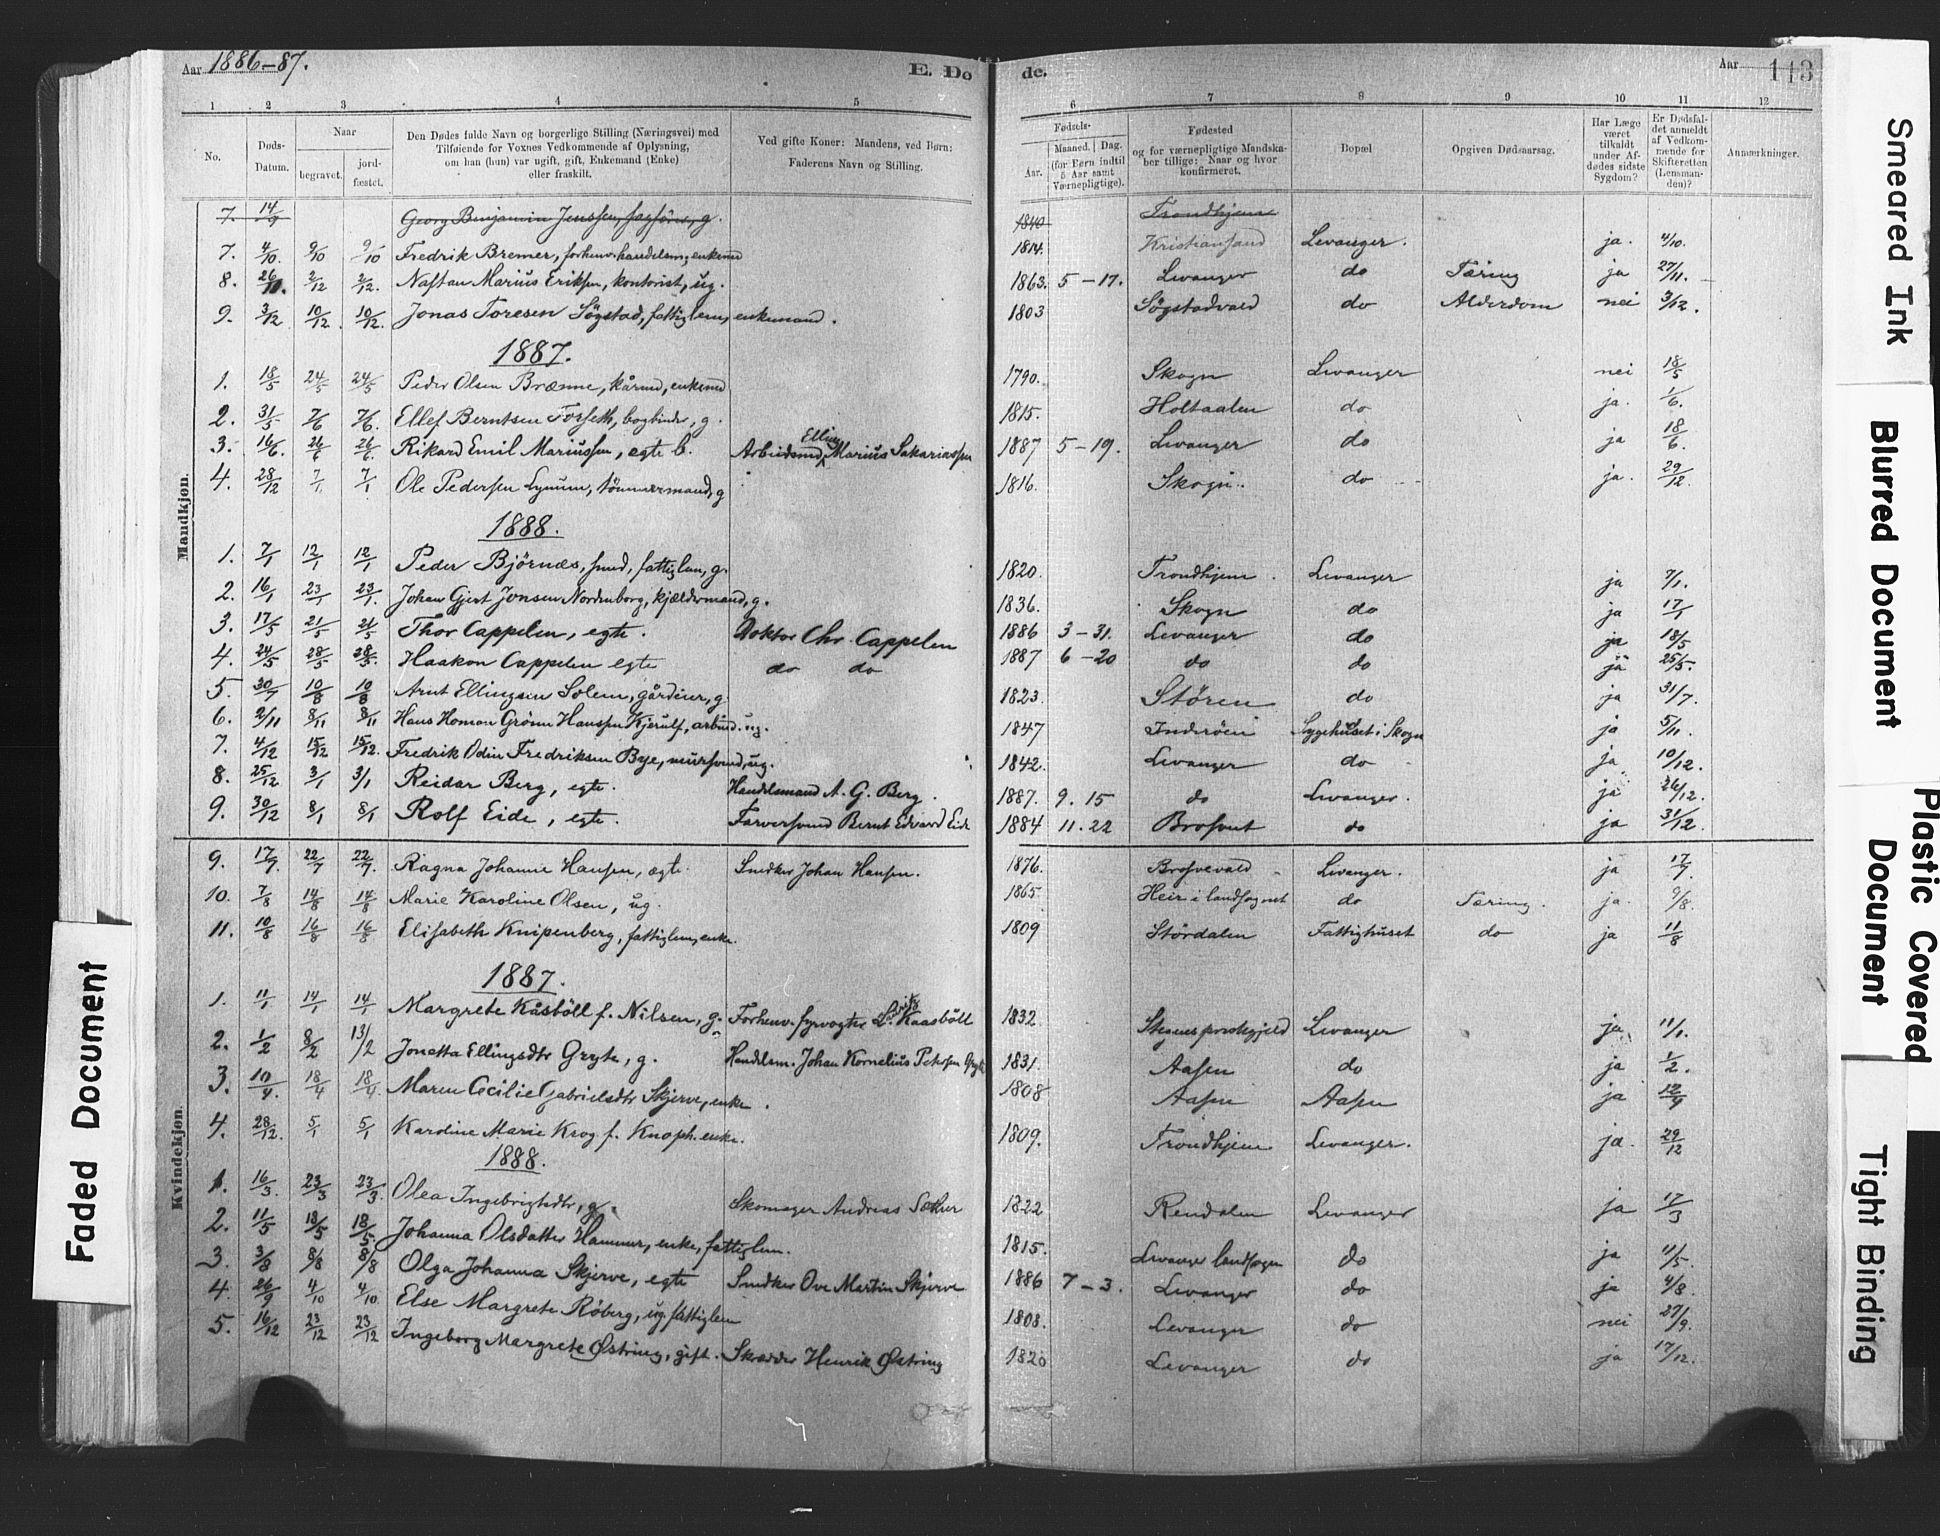 SAT, Ministerialprotokoller, klokkerbøker og fødselsregistre - Nord-Trøndelag, 720/L0189: Ministerialbok nr. 720A05, 1880-1911, s. 113